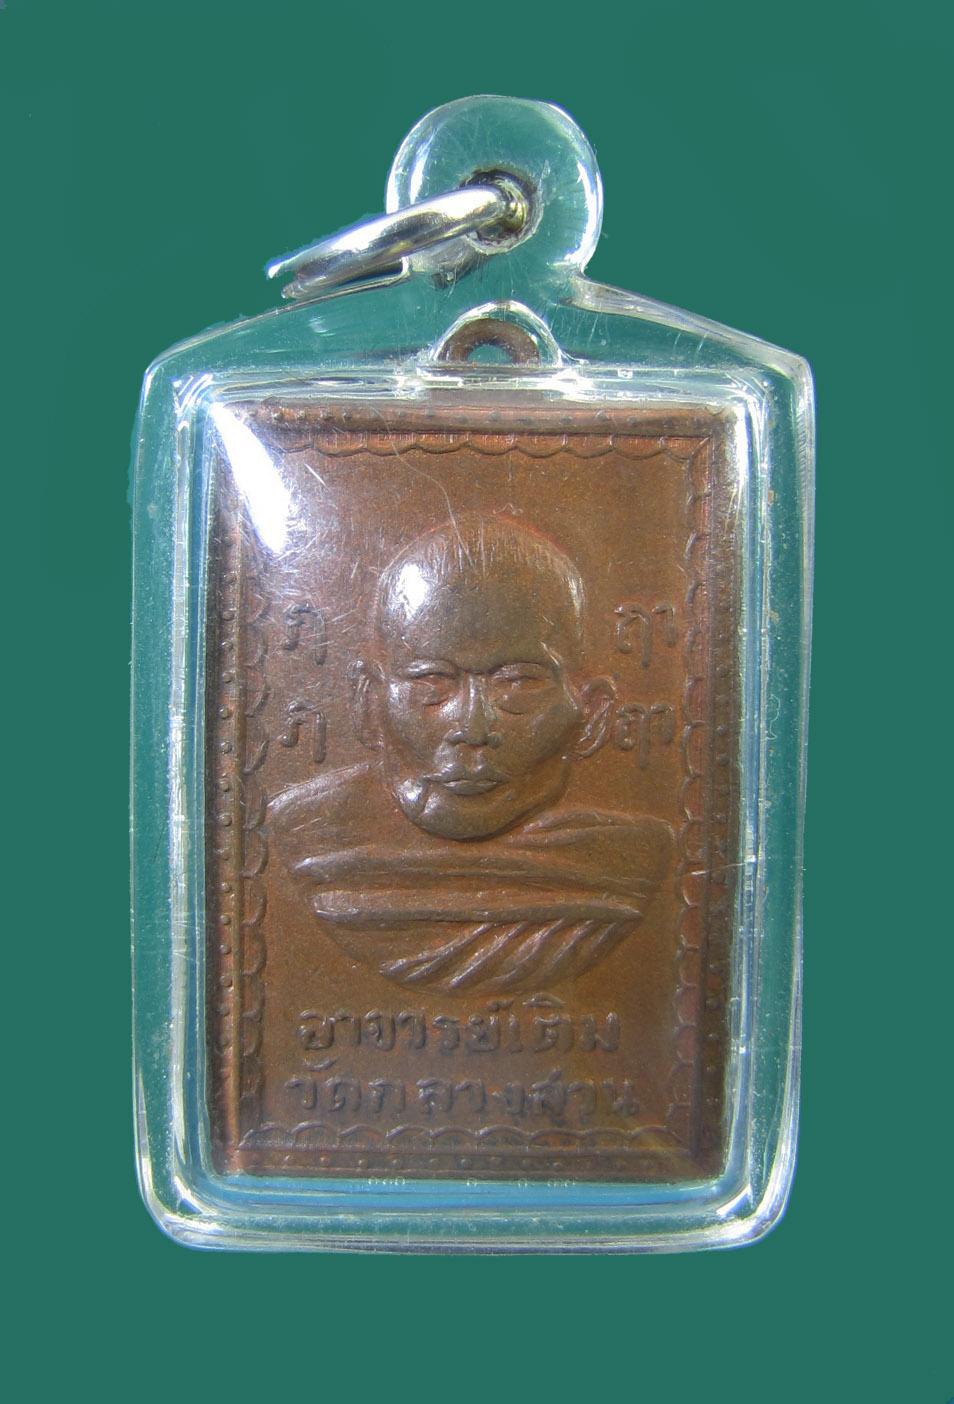 เหรียญ หลวงพ่อเติม วัดกลางสวน จ.สมุทรปราการ เนื้อทองแดง หายาก+พร้อมเลี่ยม